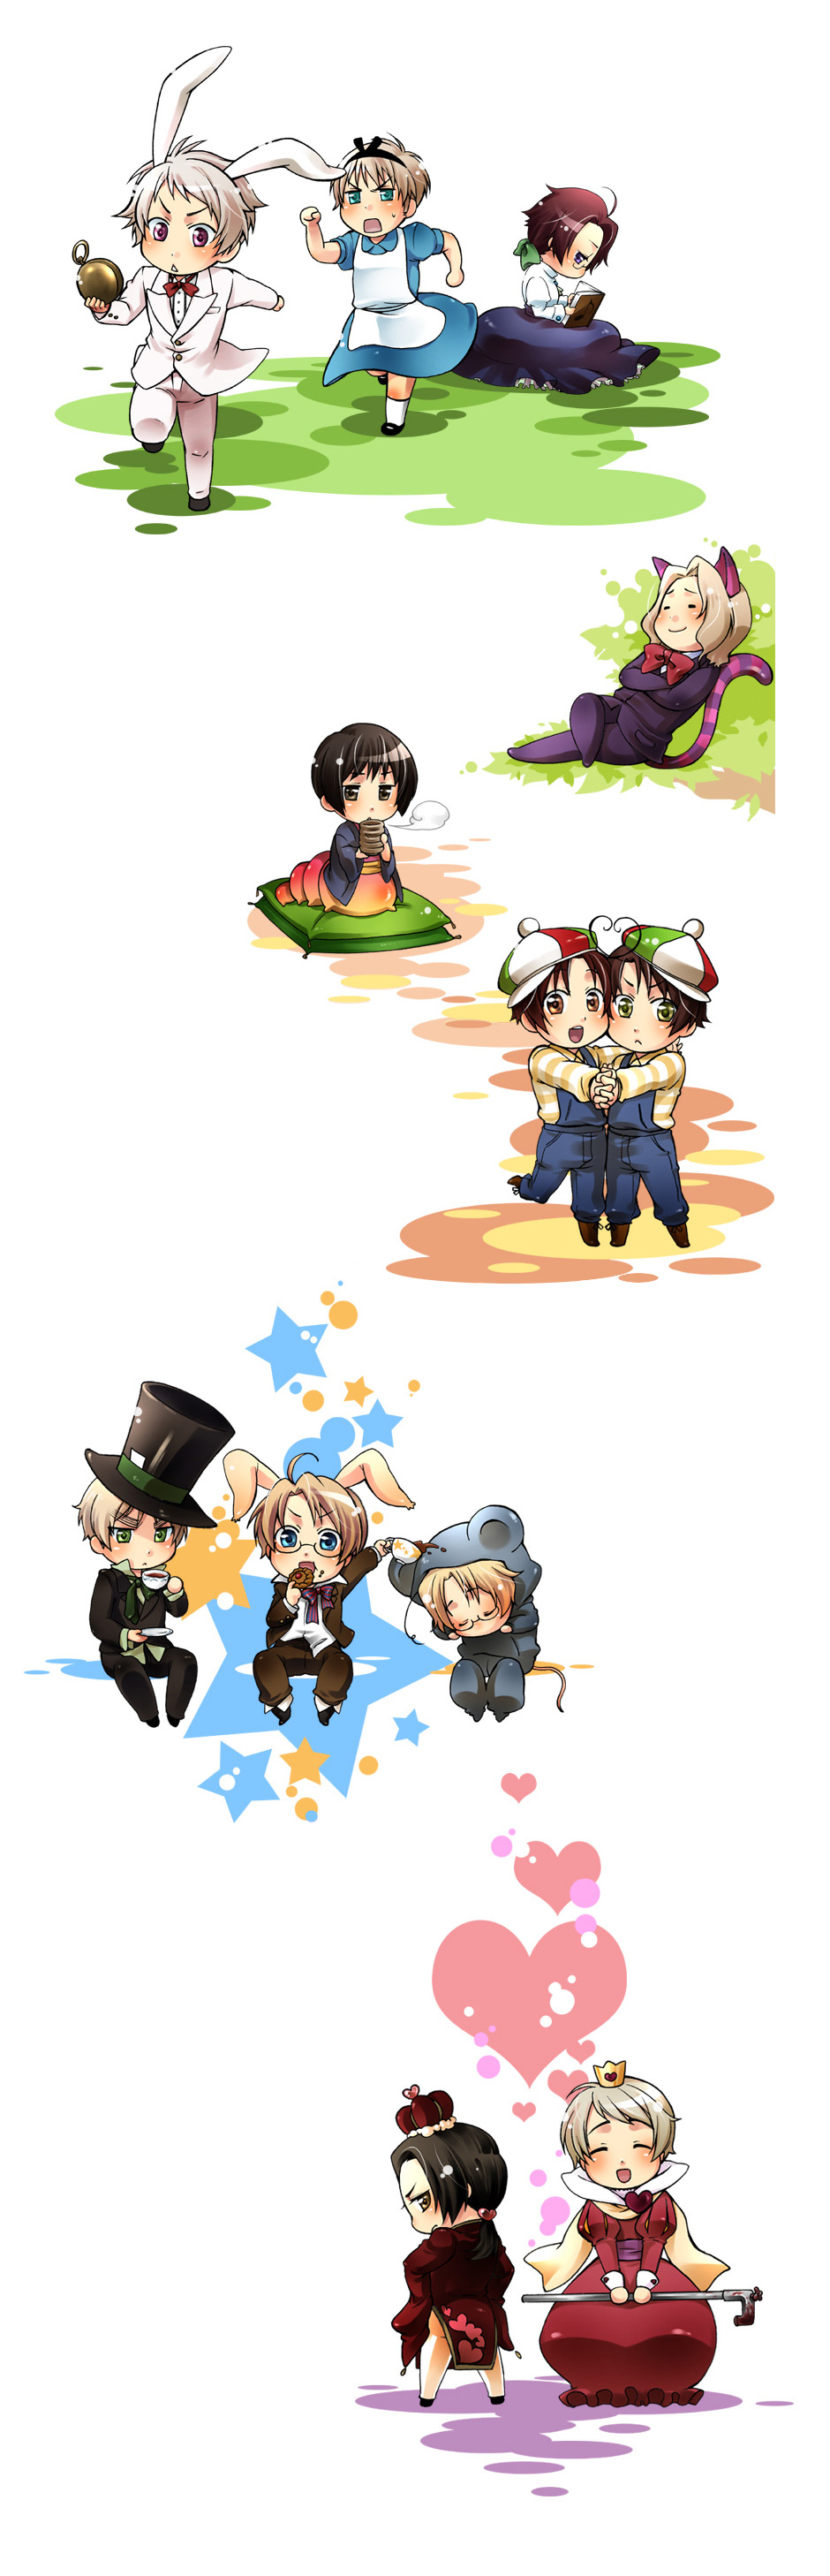 Alice in Wonderland x Hetalia this is too cute russia as